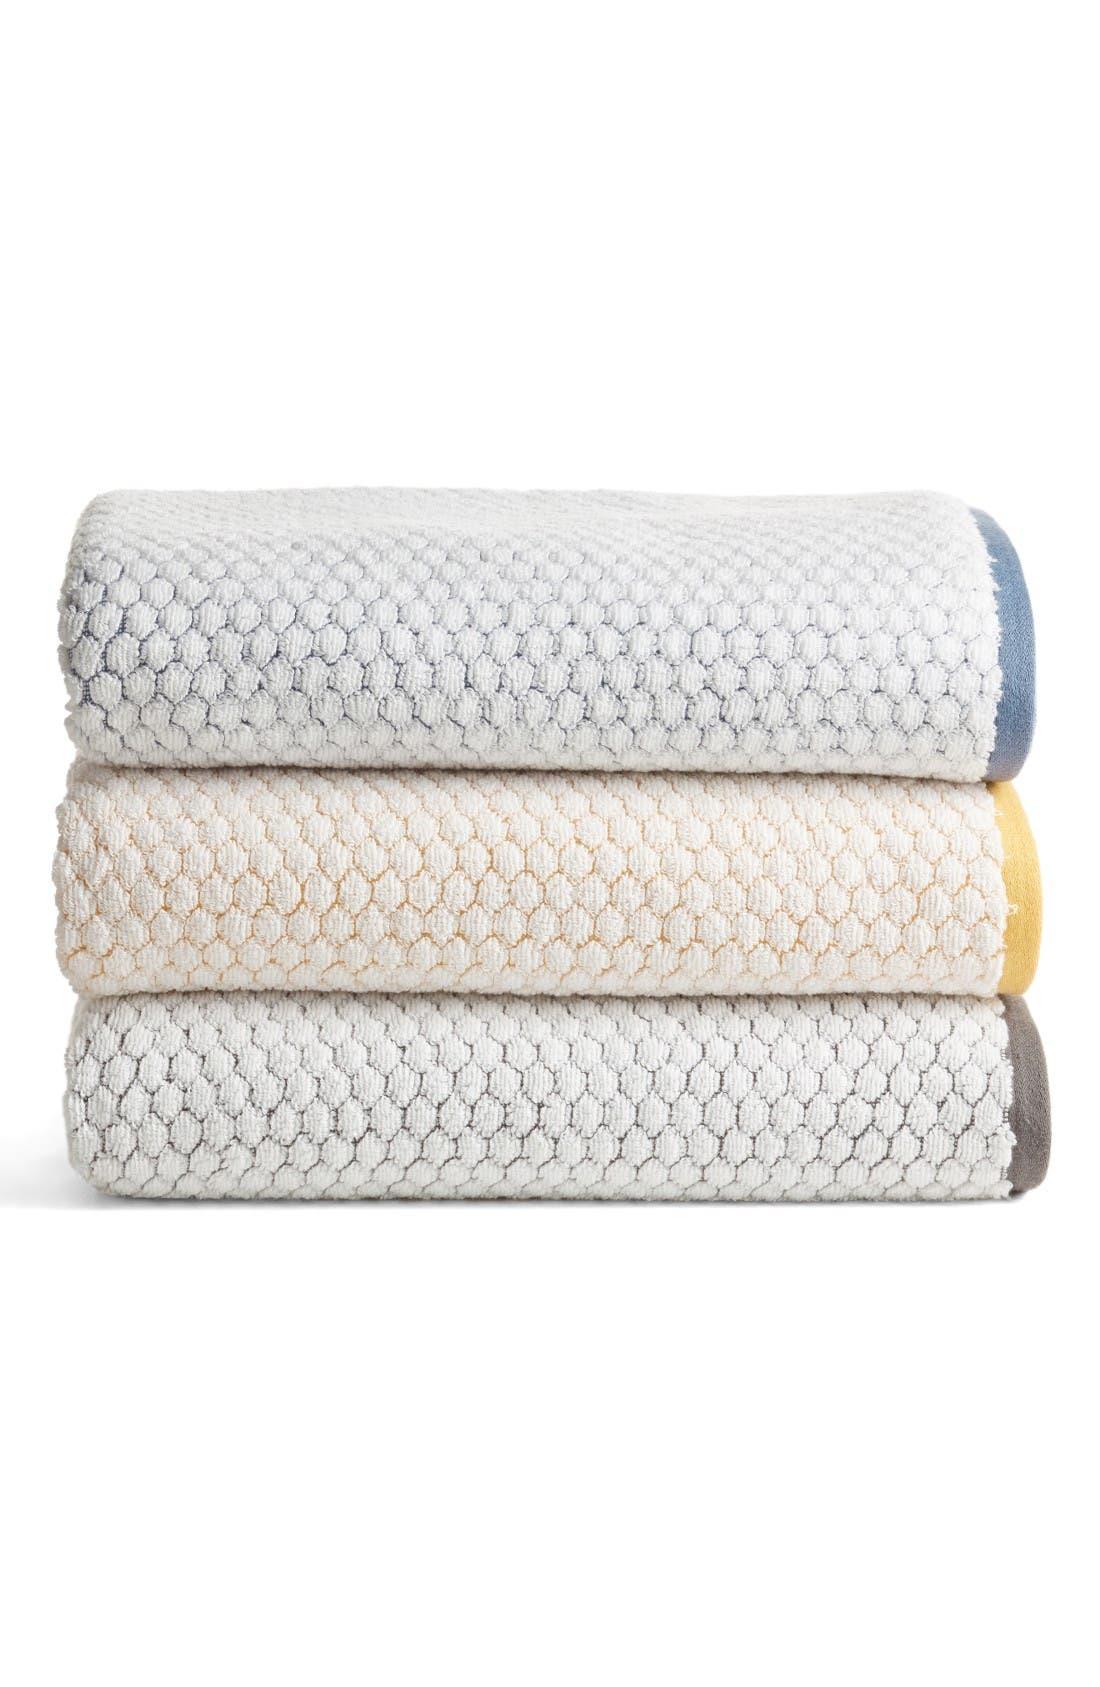 Cobble Bath Towel,                             Alternate thumbnail 2, color,                             Blue Vintage